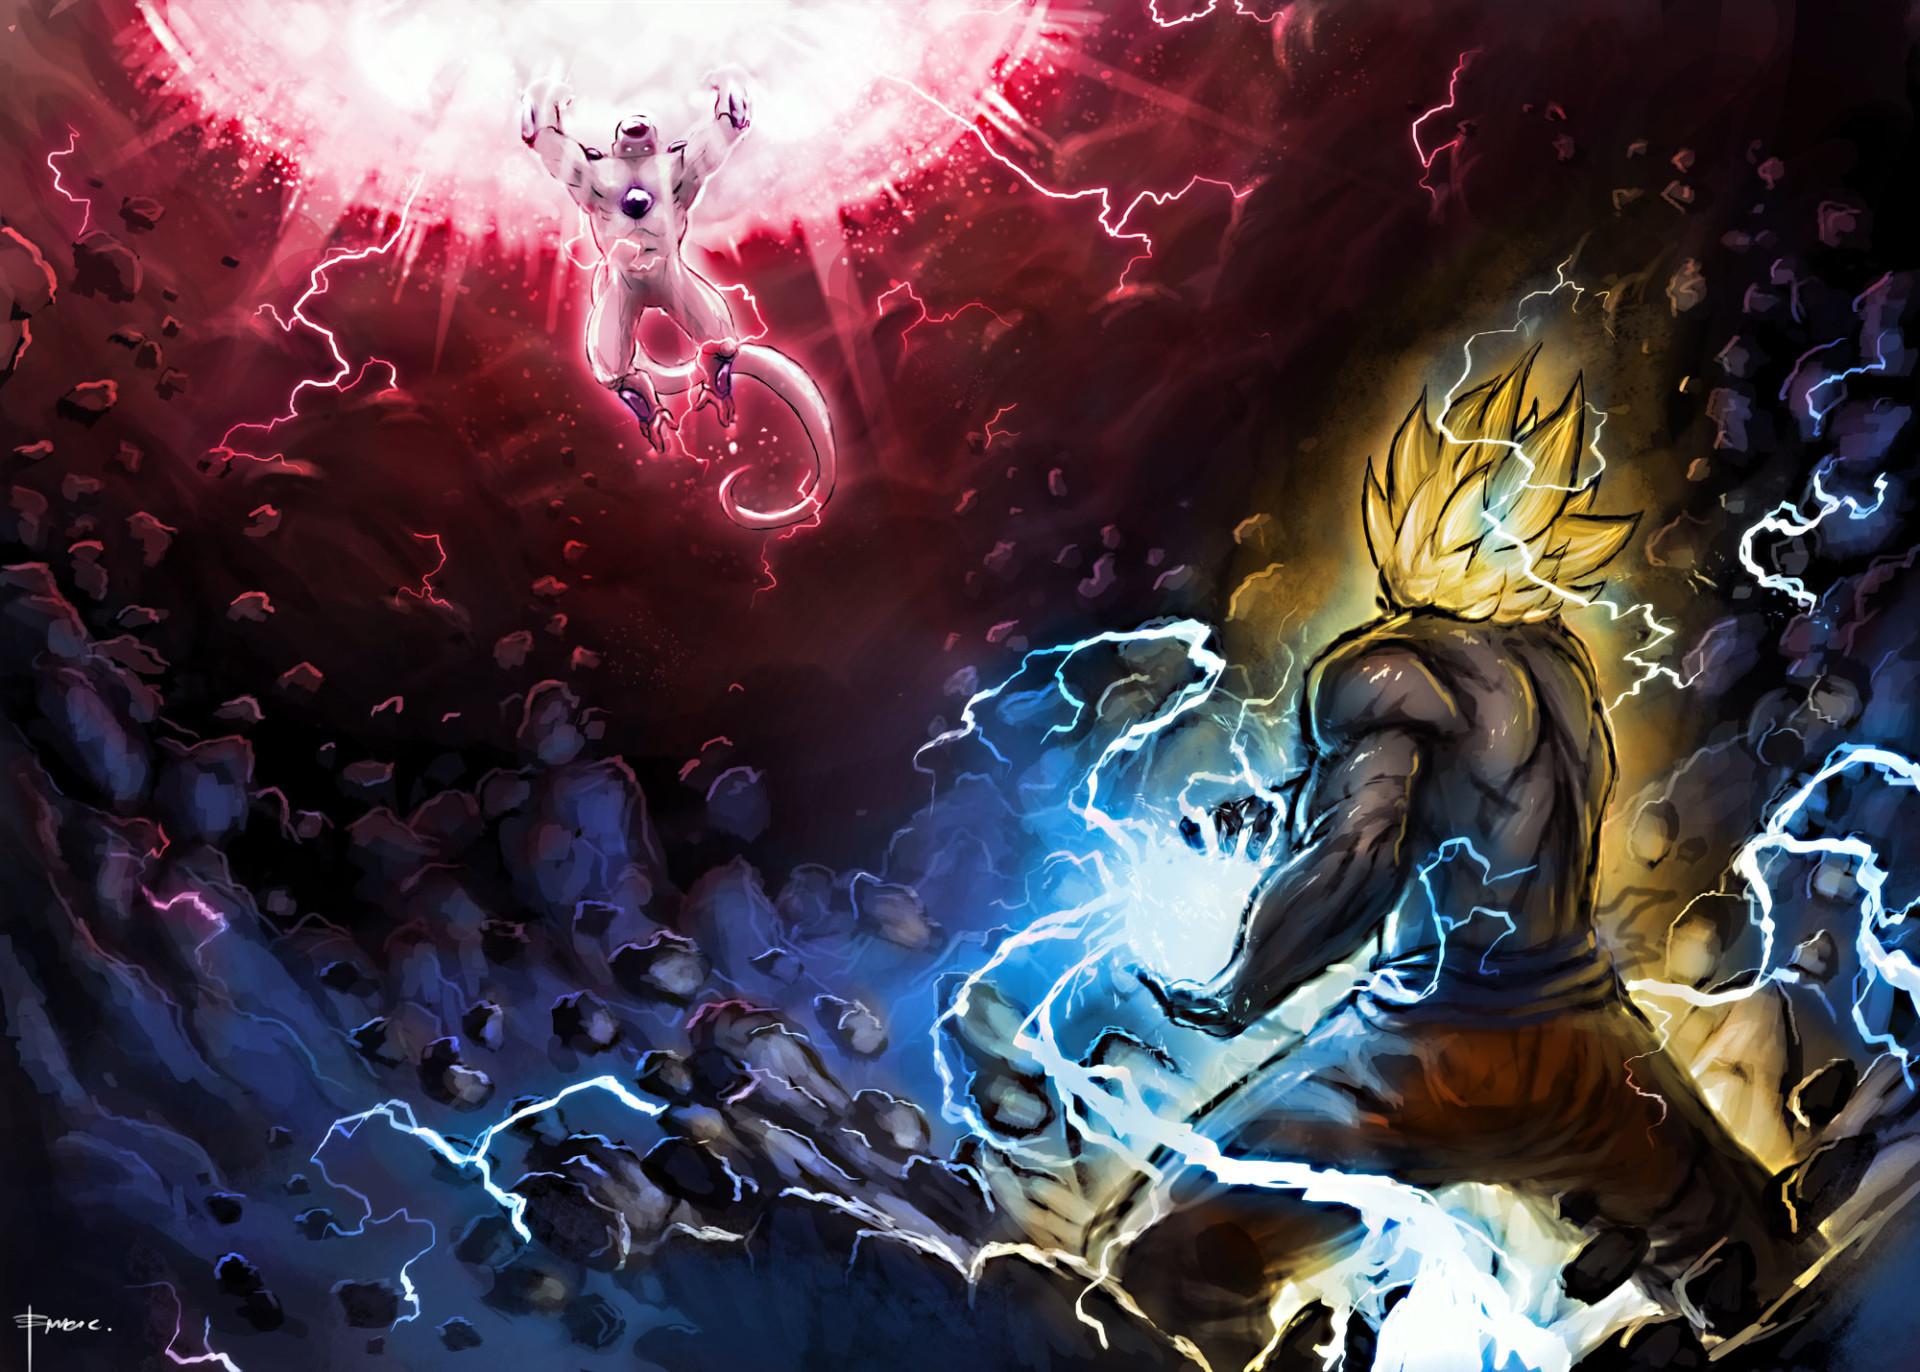 Anime Dragon Ball Z Dragon Ball Goku Super Saiyan Freeza (Dragon Ball)  Kamehameha Wallpaper